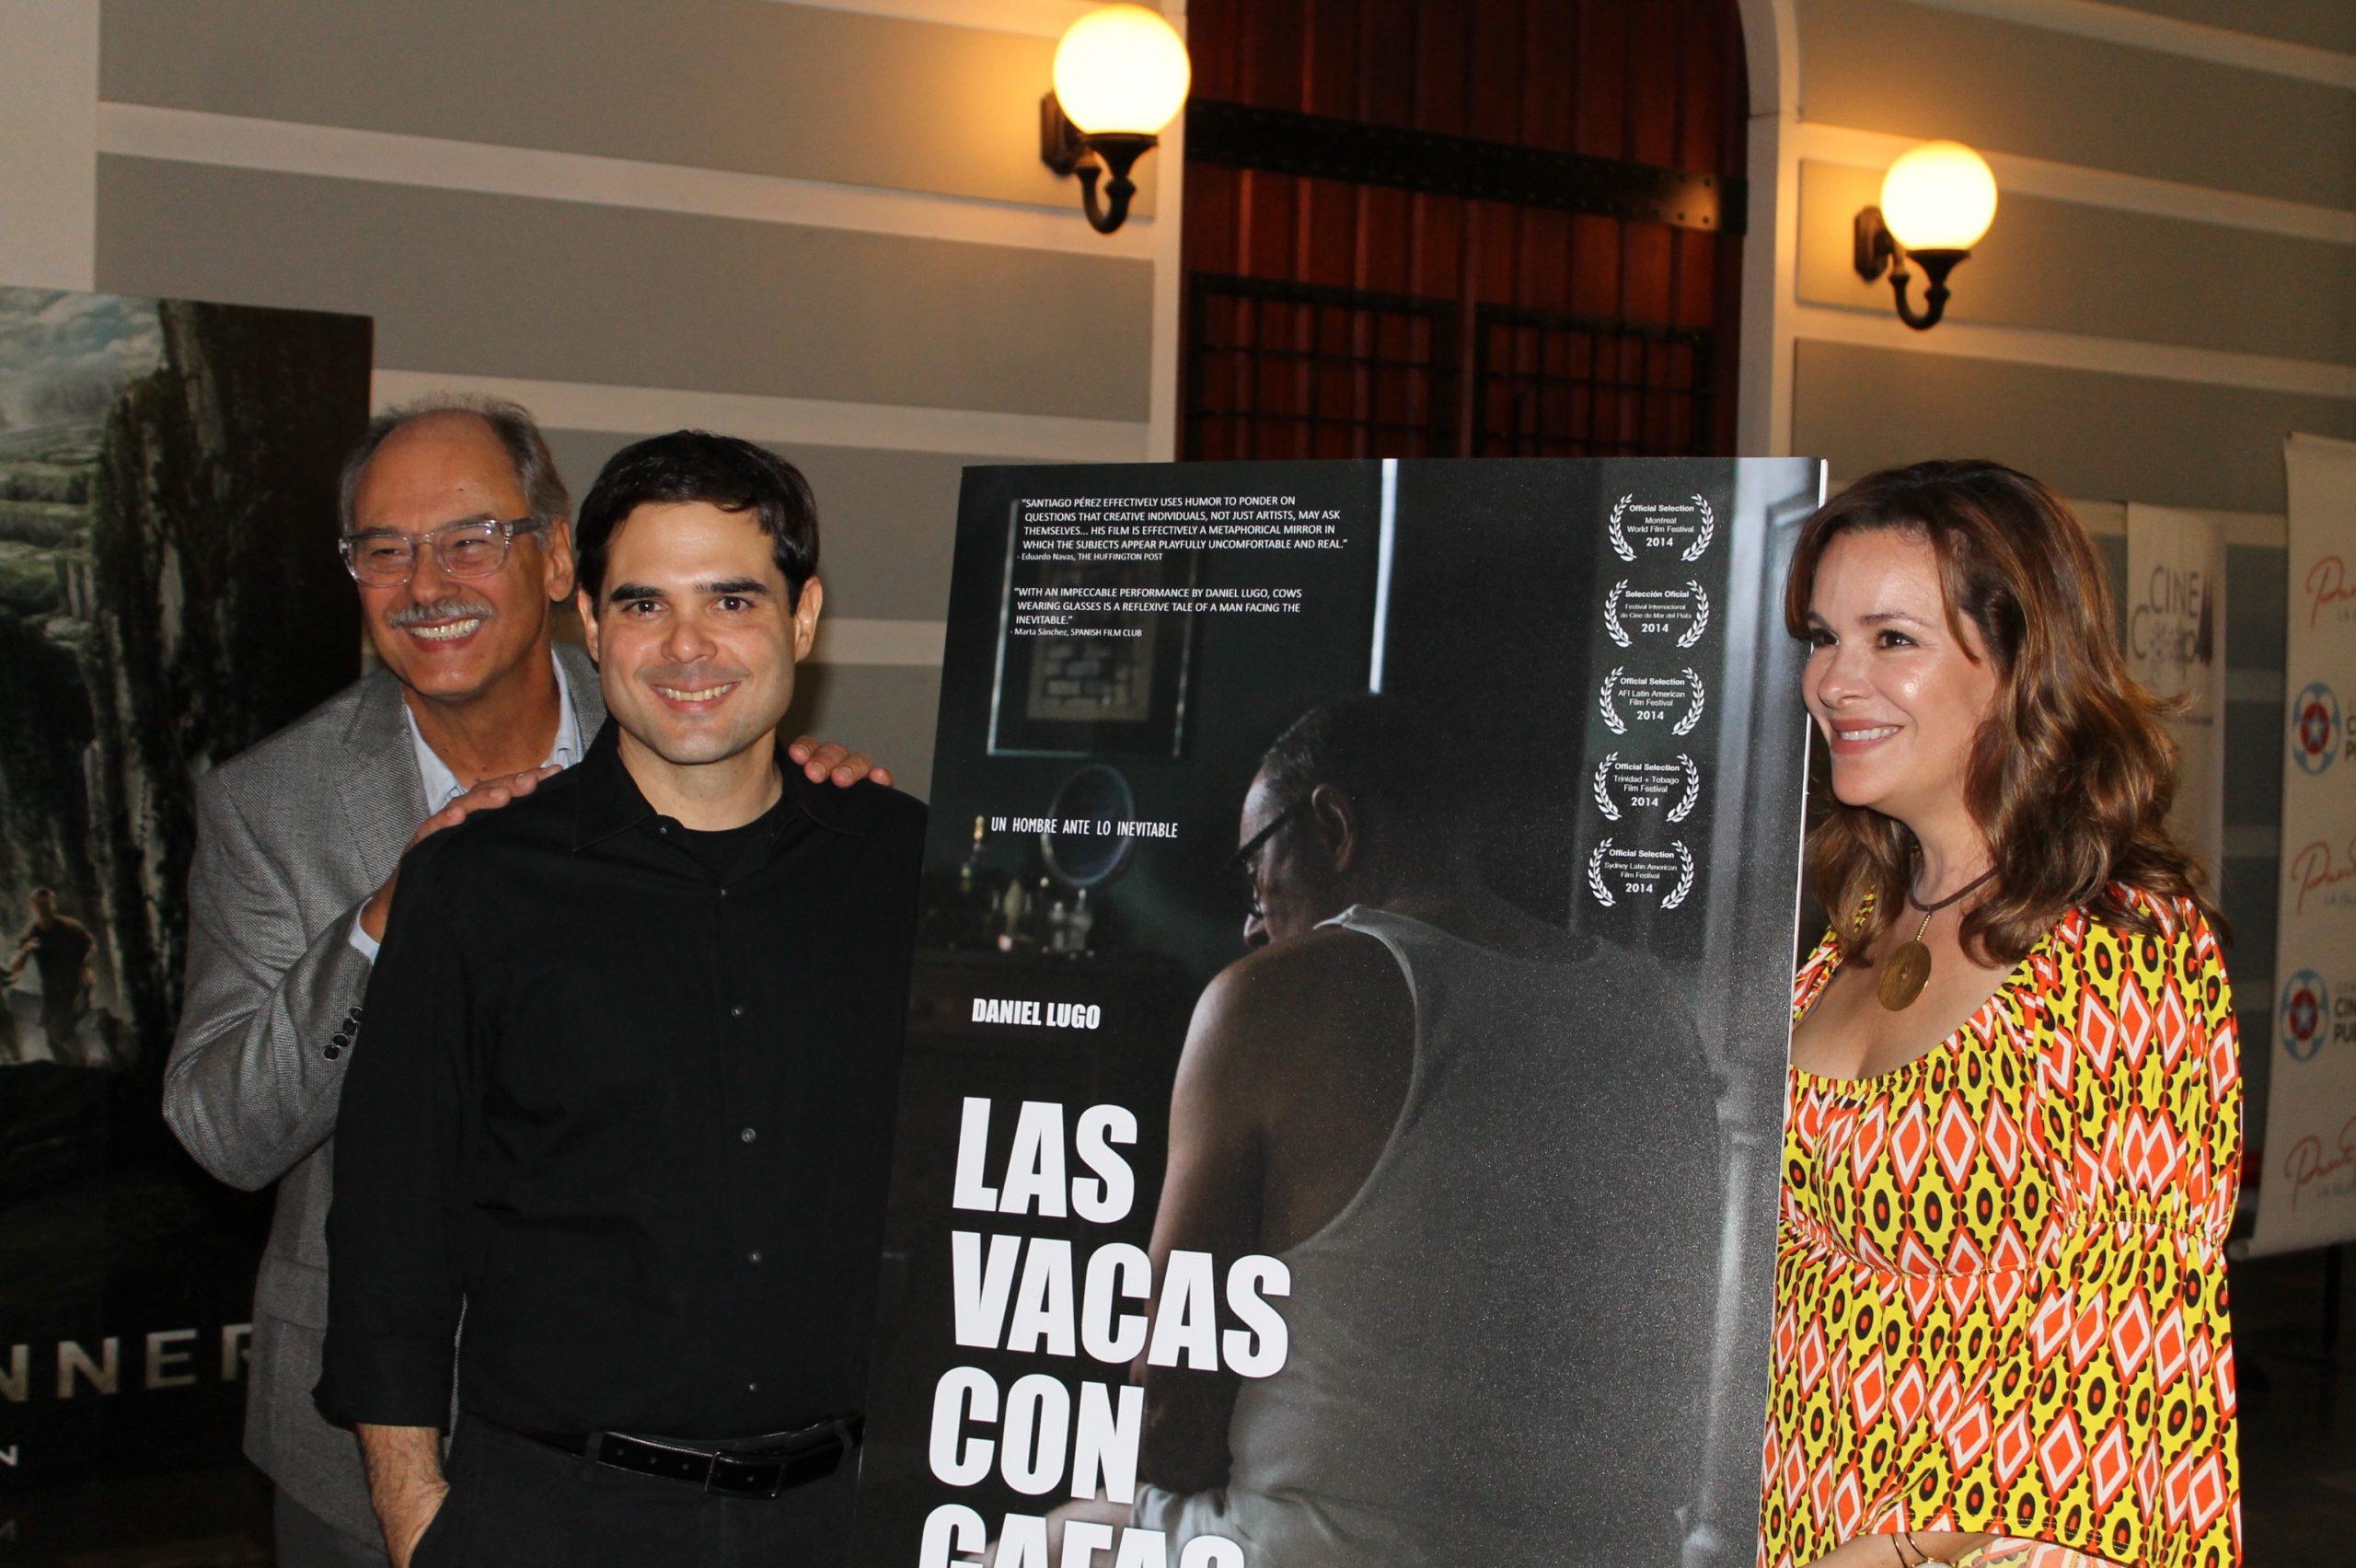 Daniel Lugo escogió actuar en la ópera prima del cineasta Alex Santiago Pérez por la trama que desarrolla el guión. (Foto Edgar Torres para Fundación Nacional para la Cultura Popular)